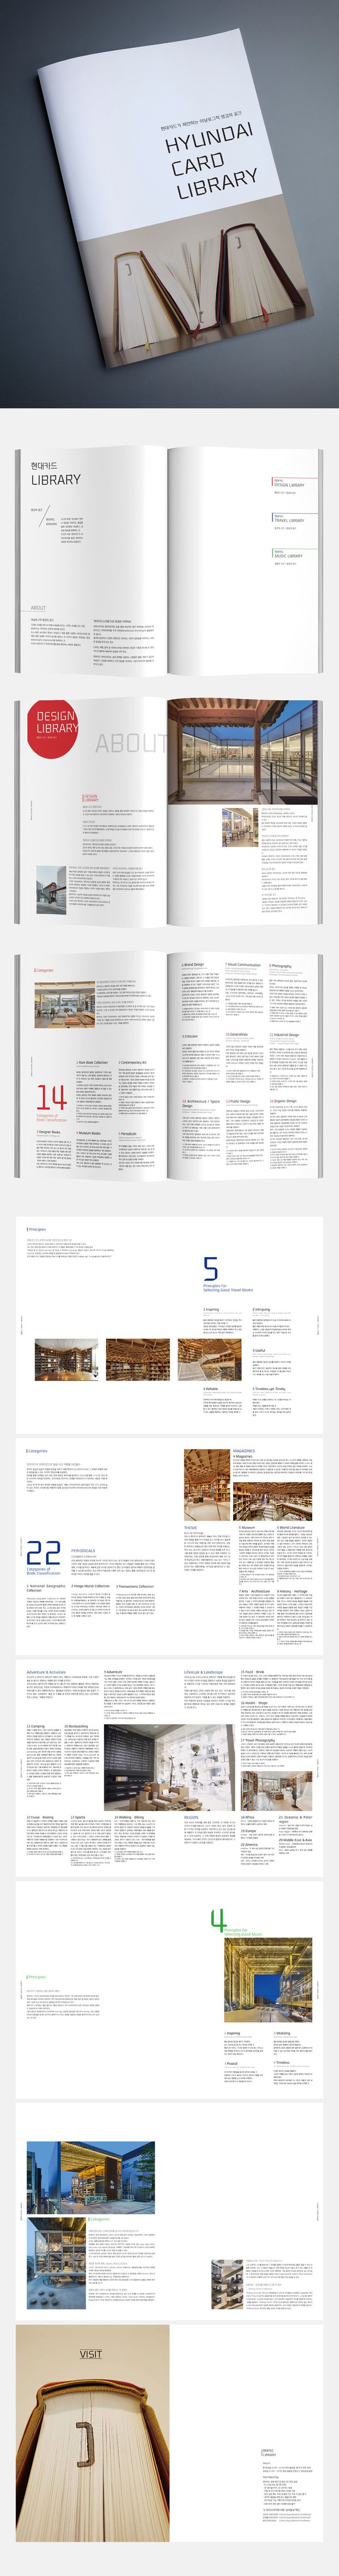 <현대카드 라이브러리> 브로슈어 - 그래픽 디자인, 브랜딩/편집